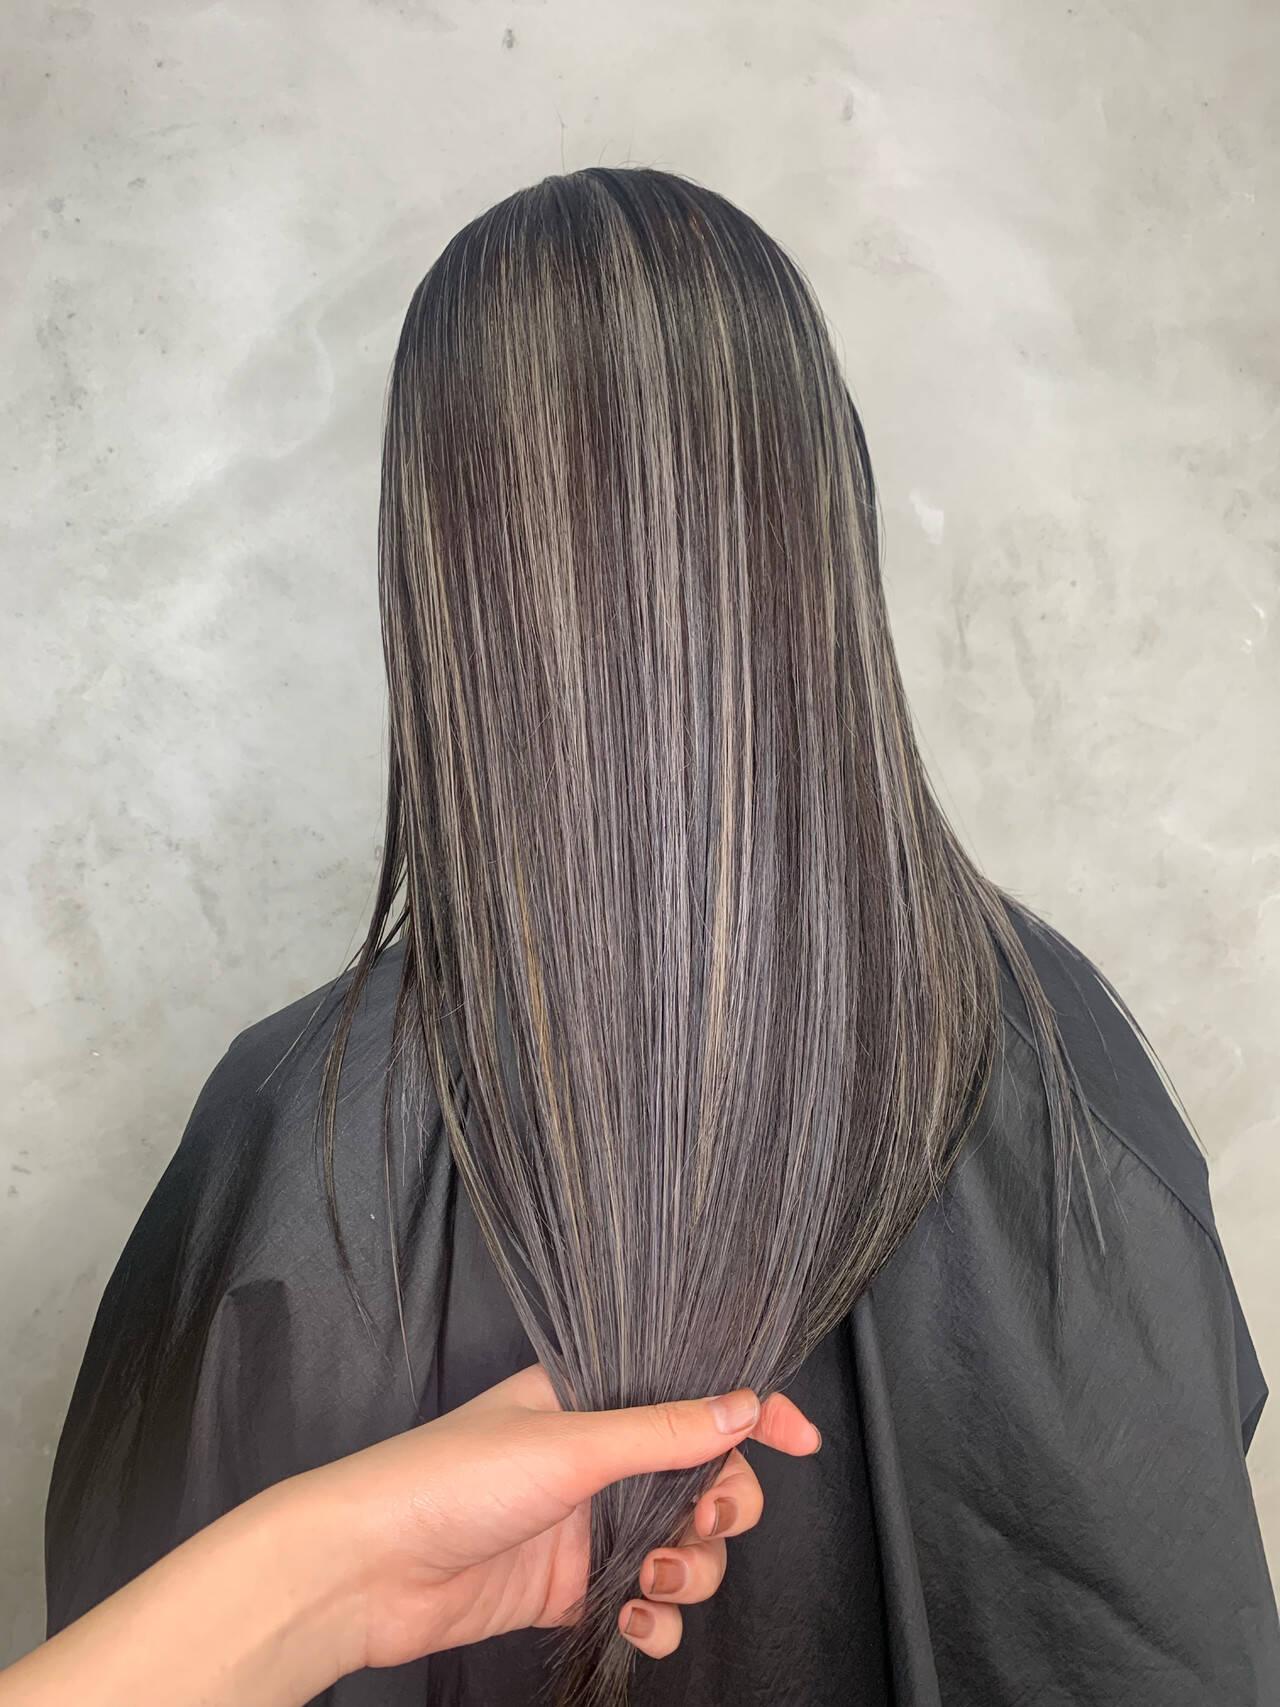 モード 3Dハイライト ホワイトシルバー ハイライトヘアスタイルや髪型の写真・画像